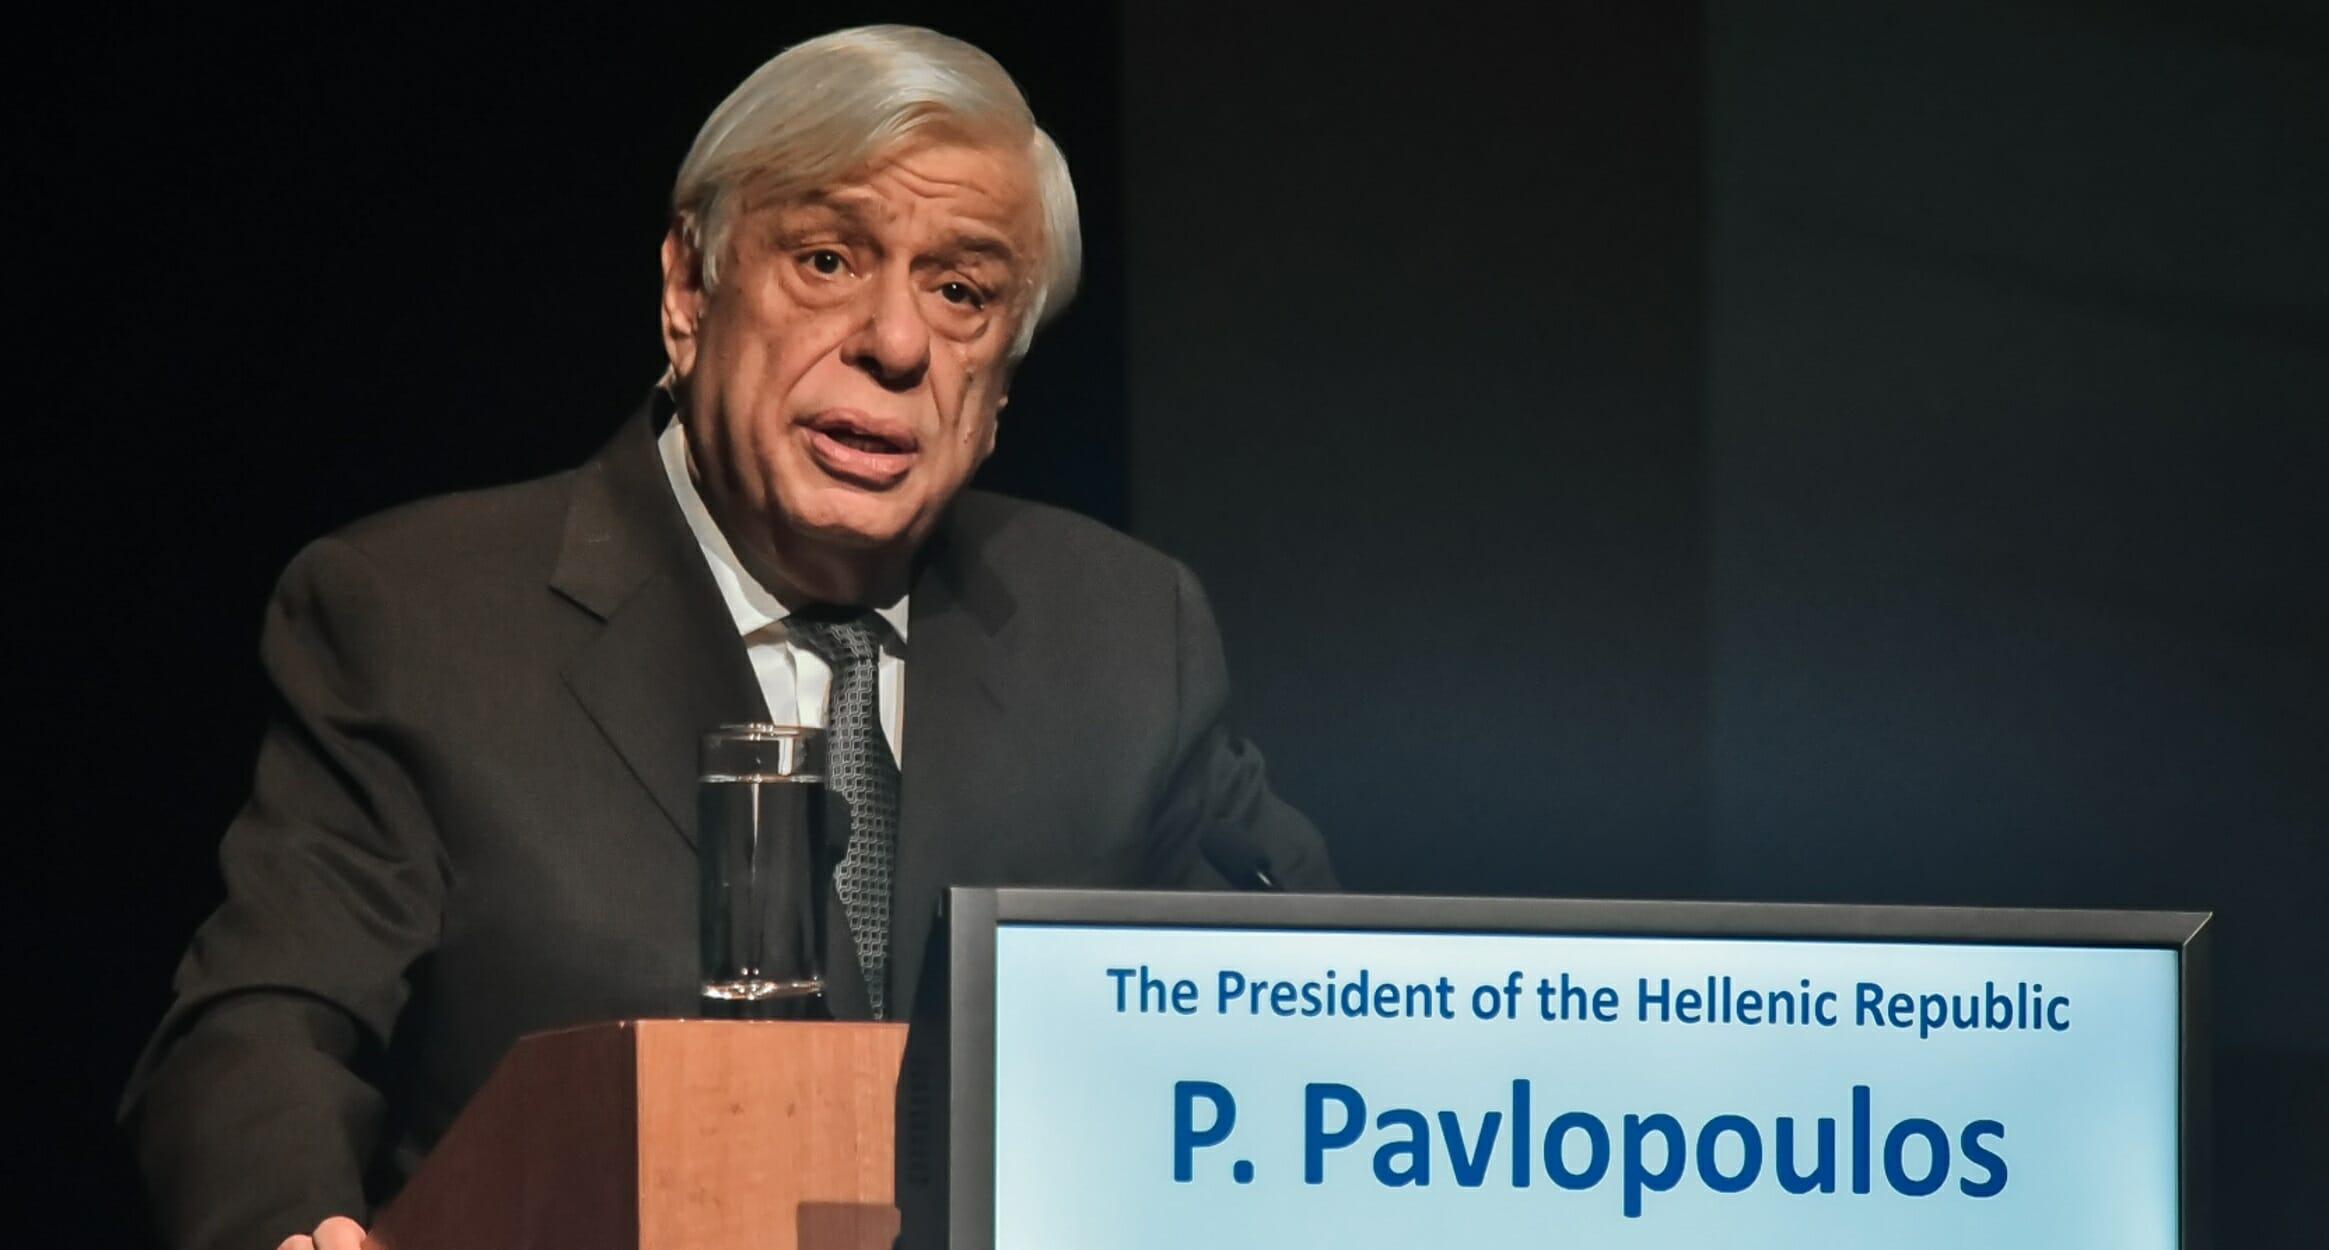 """Κική Δημουλά: Ο Προκόπης Παυλόπουλος """"αποχαιρετά"""" την ποιήτρια"""